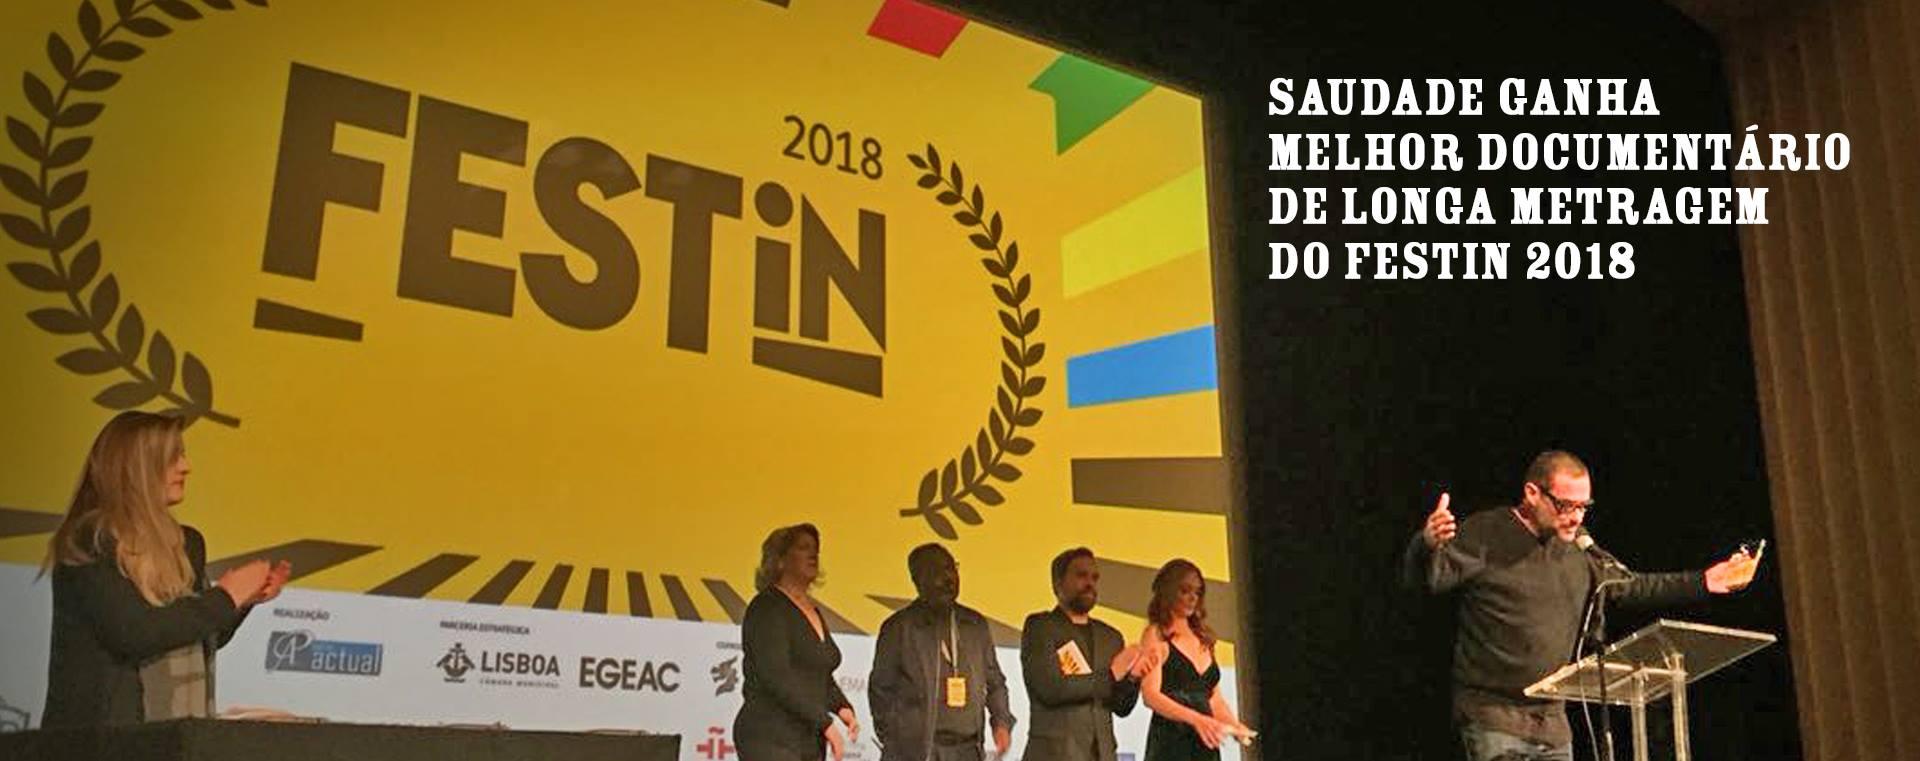 PRÊMIO - MELHOR DOCUMENTÁRIOFESTin LISBOA 2018